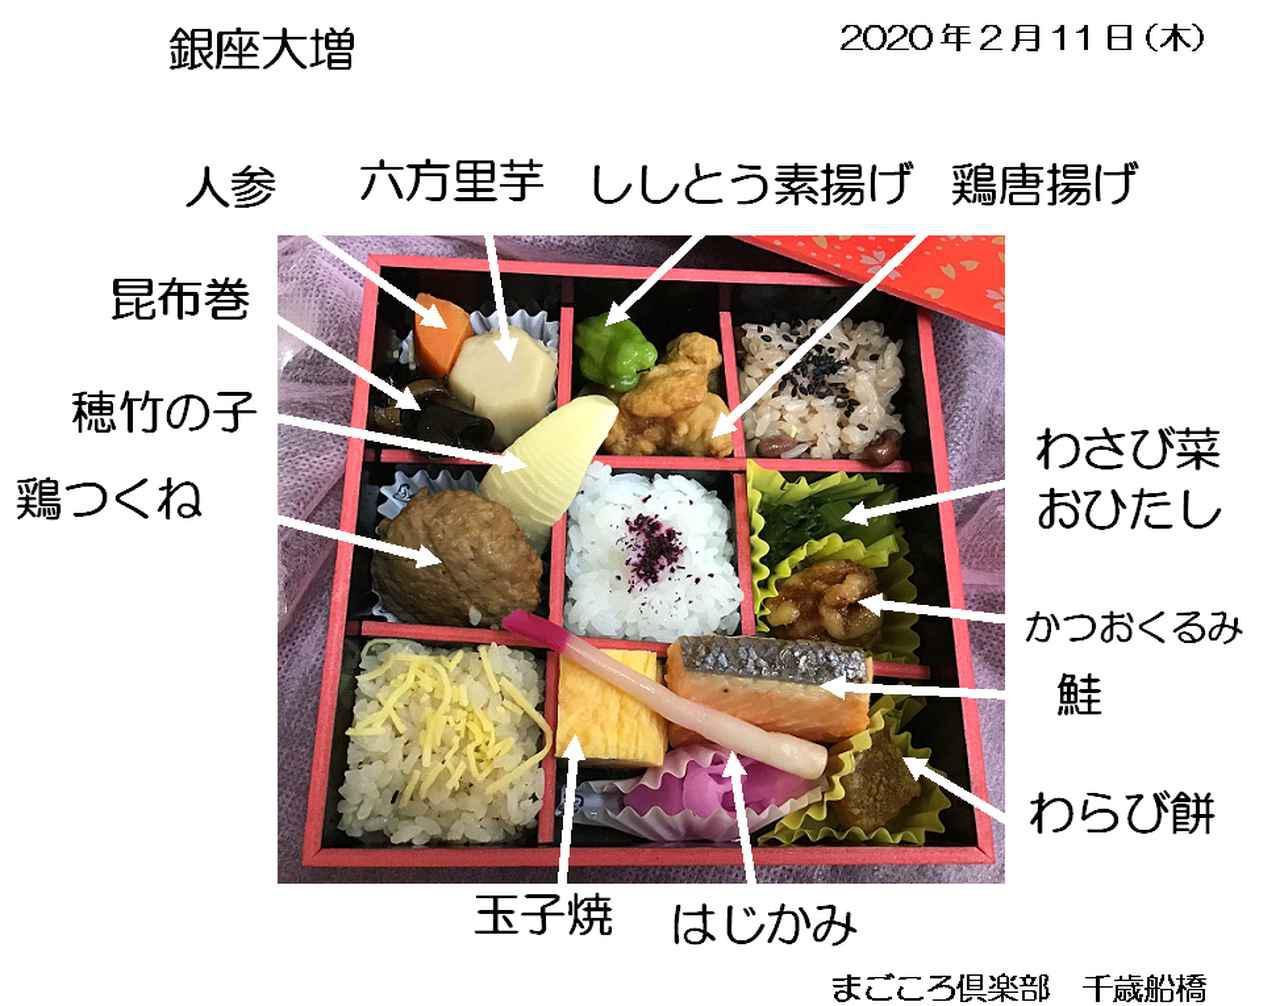 画像4: 美味しんぼ倶楽部